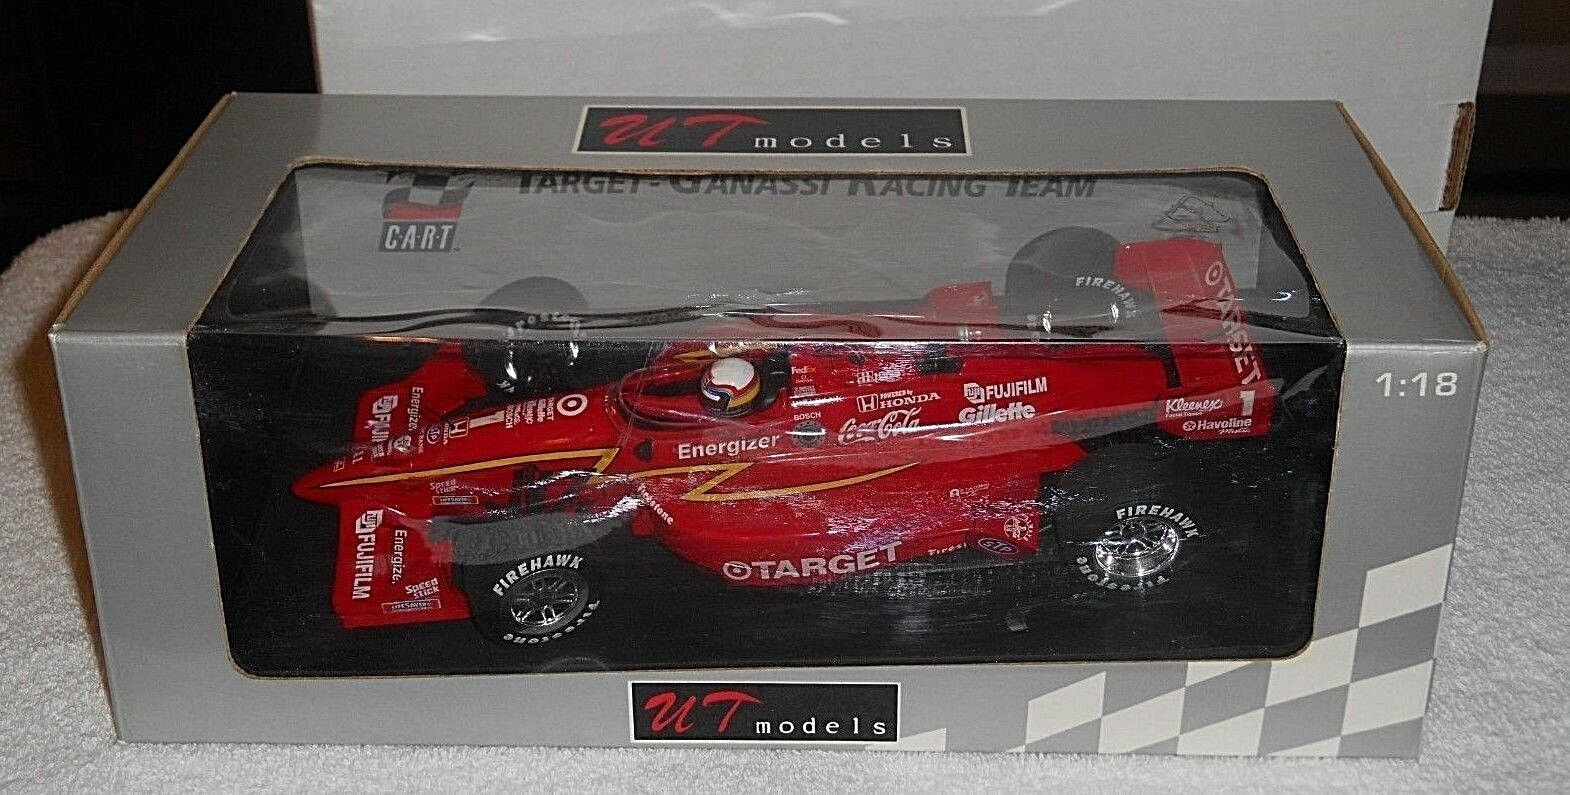 NIB 1998 UT Models  Target Ganssi Racing Racing Racing Team  Die-Cast Car (1 18 Scale) 787493